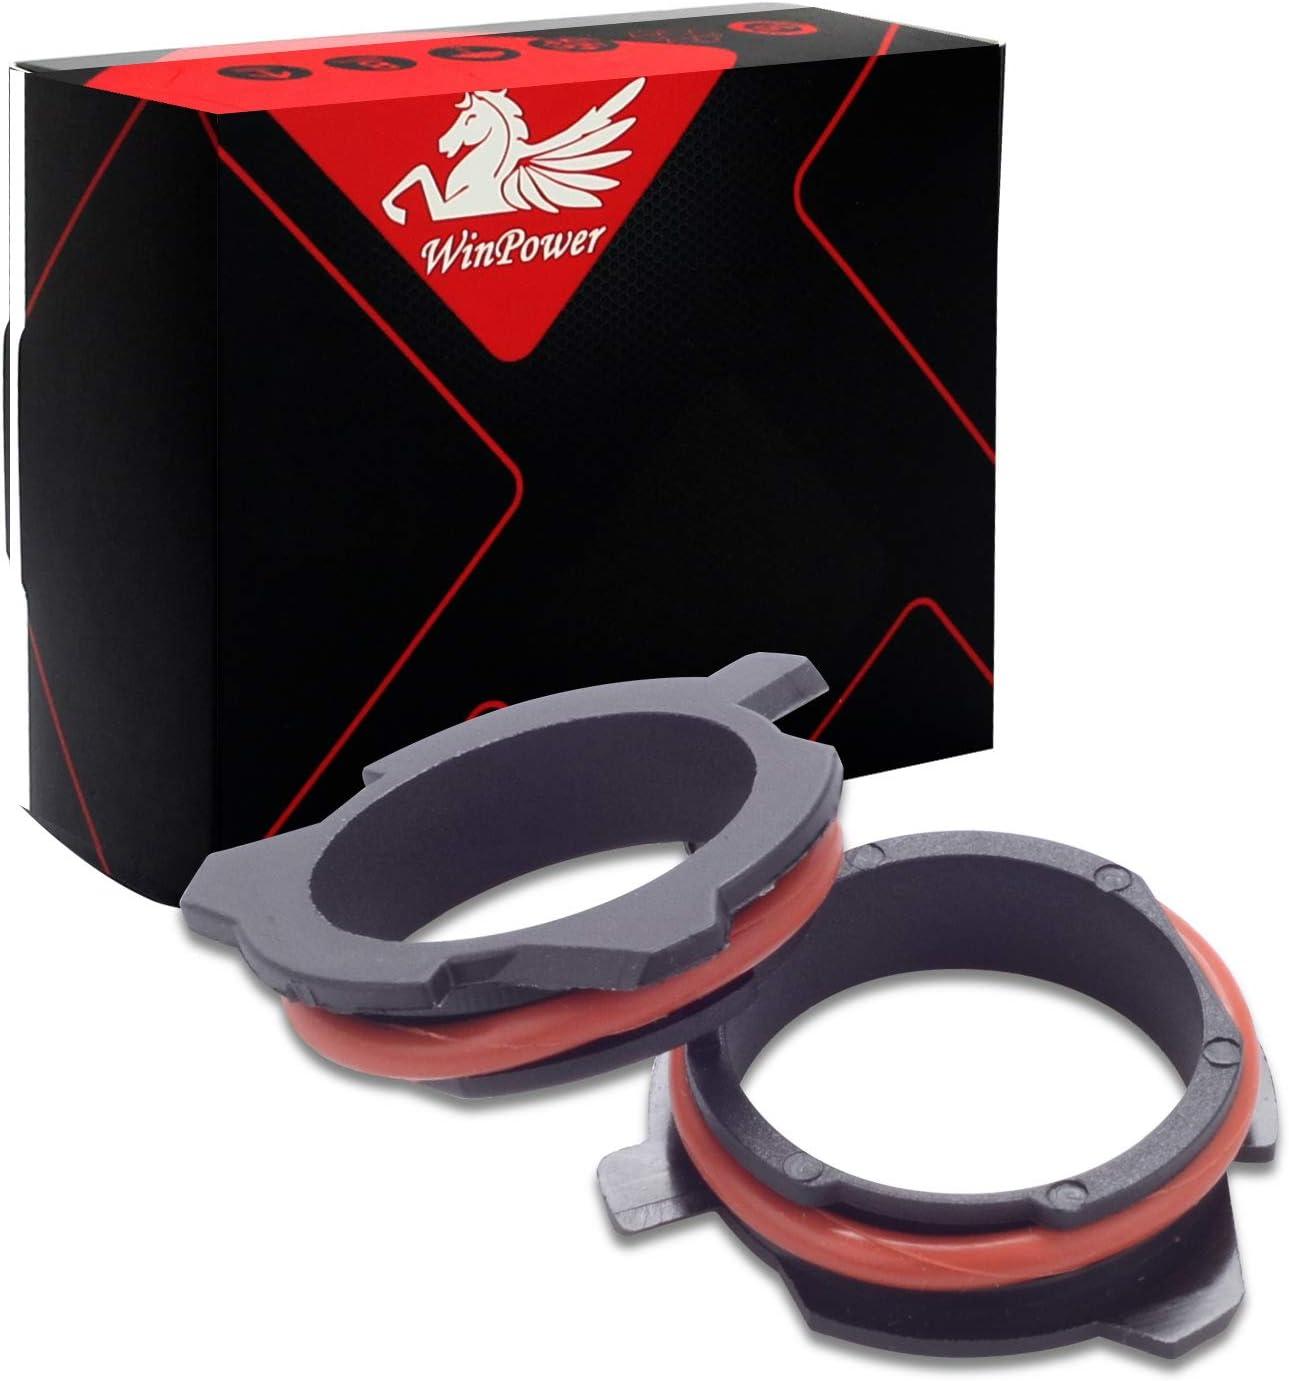 WinPower H7 LED-Lampenfu/ßclips Adapterhalterhalterung LED-Lampenfassung Konvertierungszubeh/ör f/ür E39 E60 E61 F10 F11 F07 F85 G30 G31 G38 usw 2 Teilig